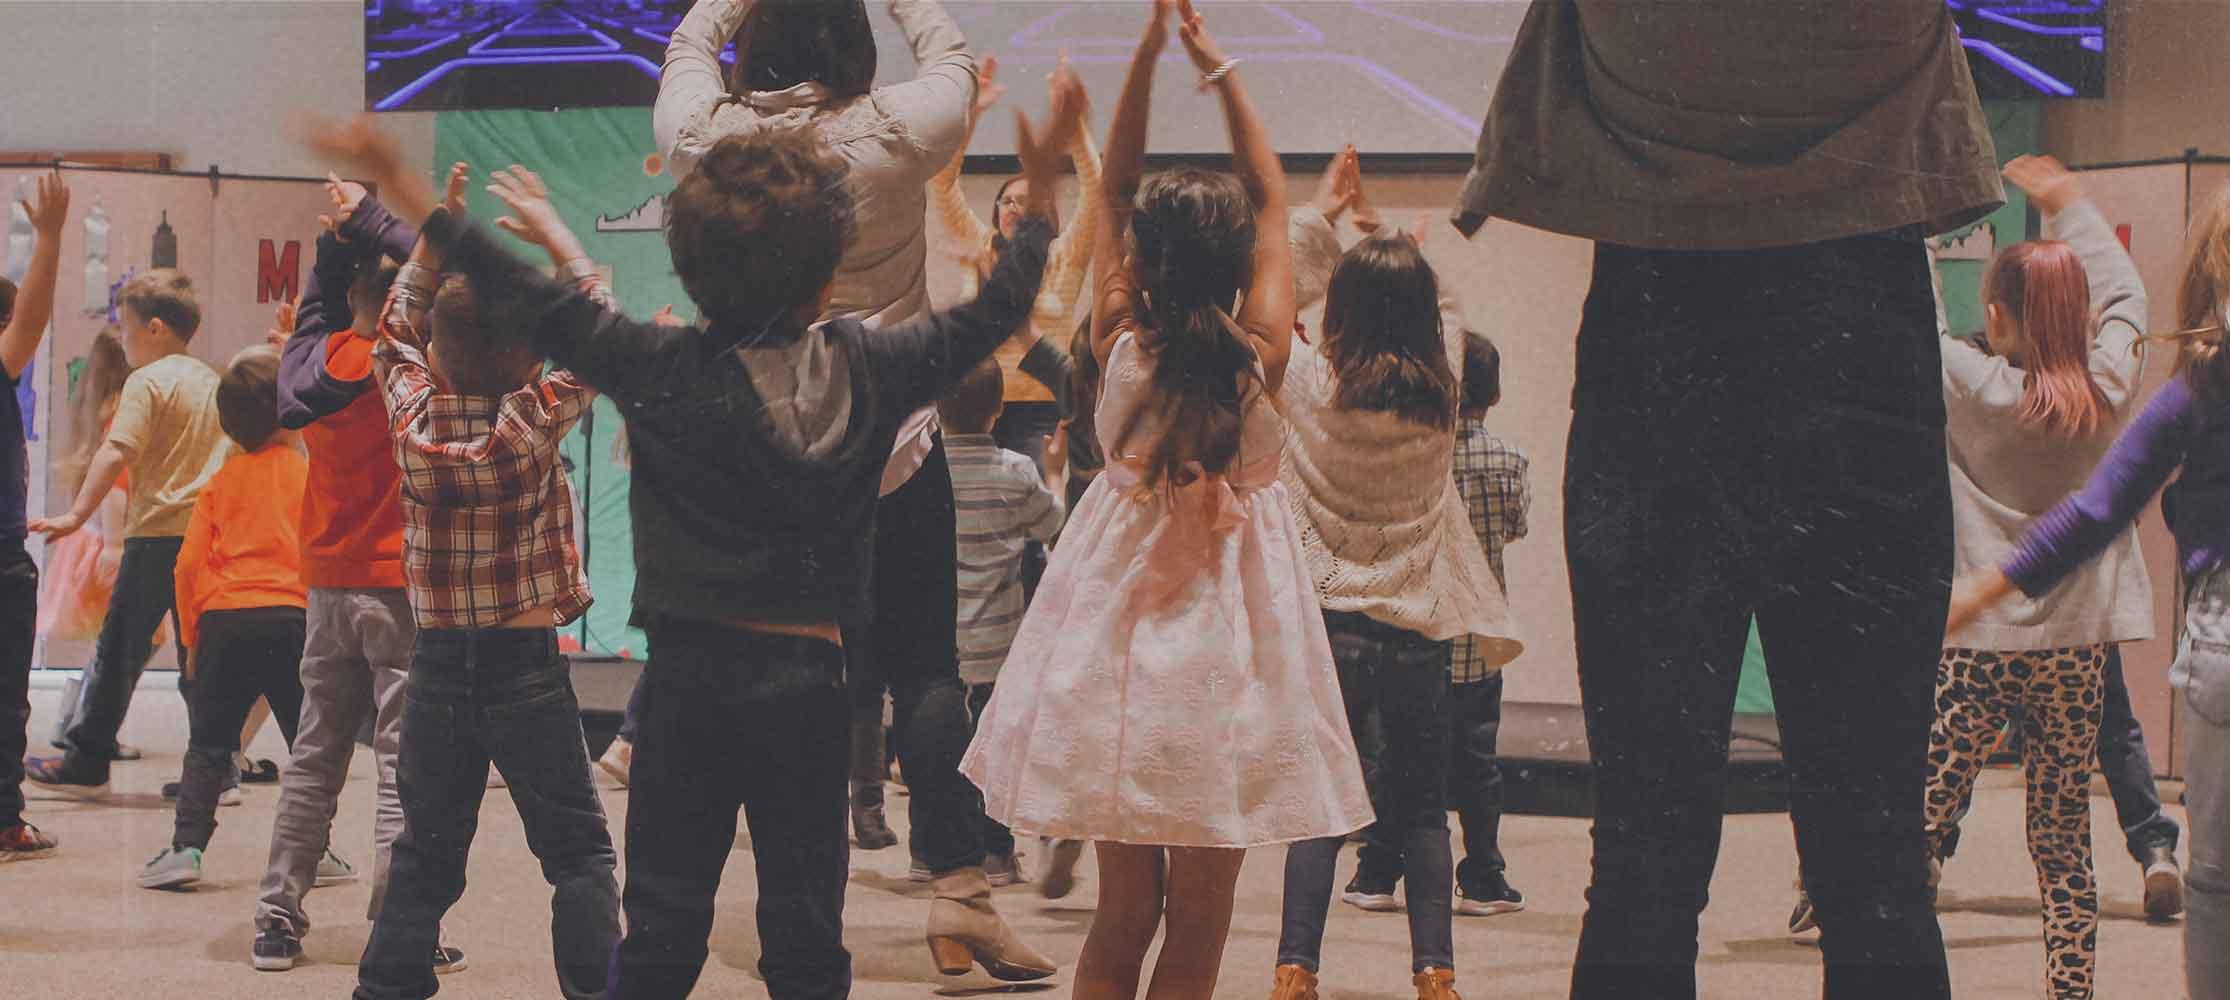 Kinder feiern zusammen Powerbox